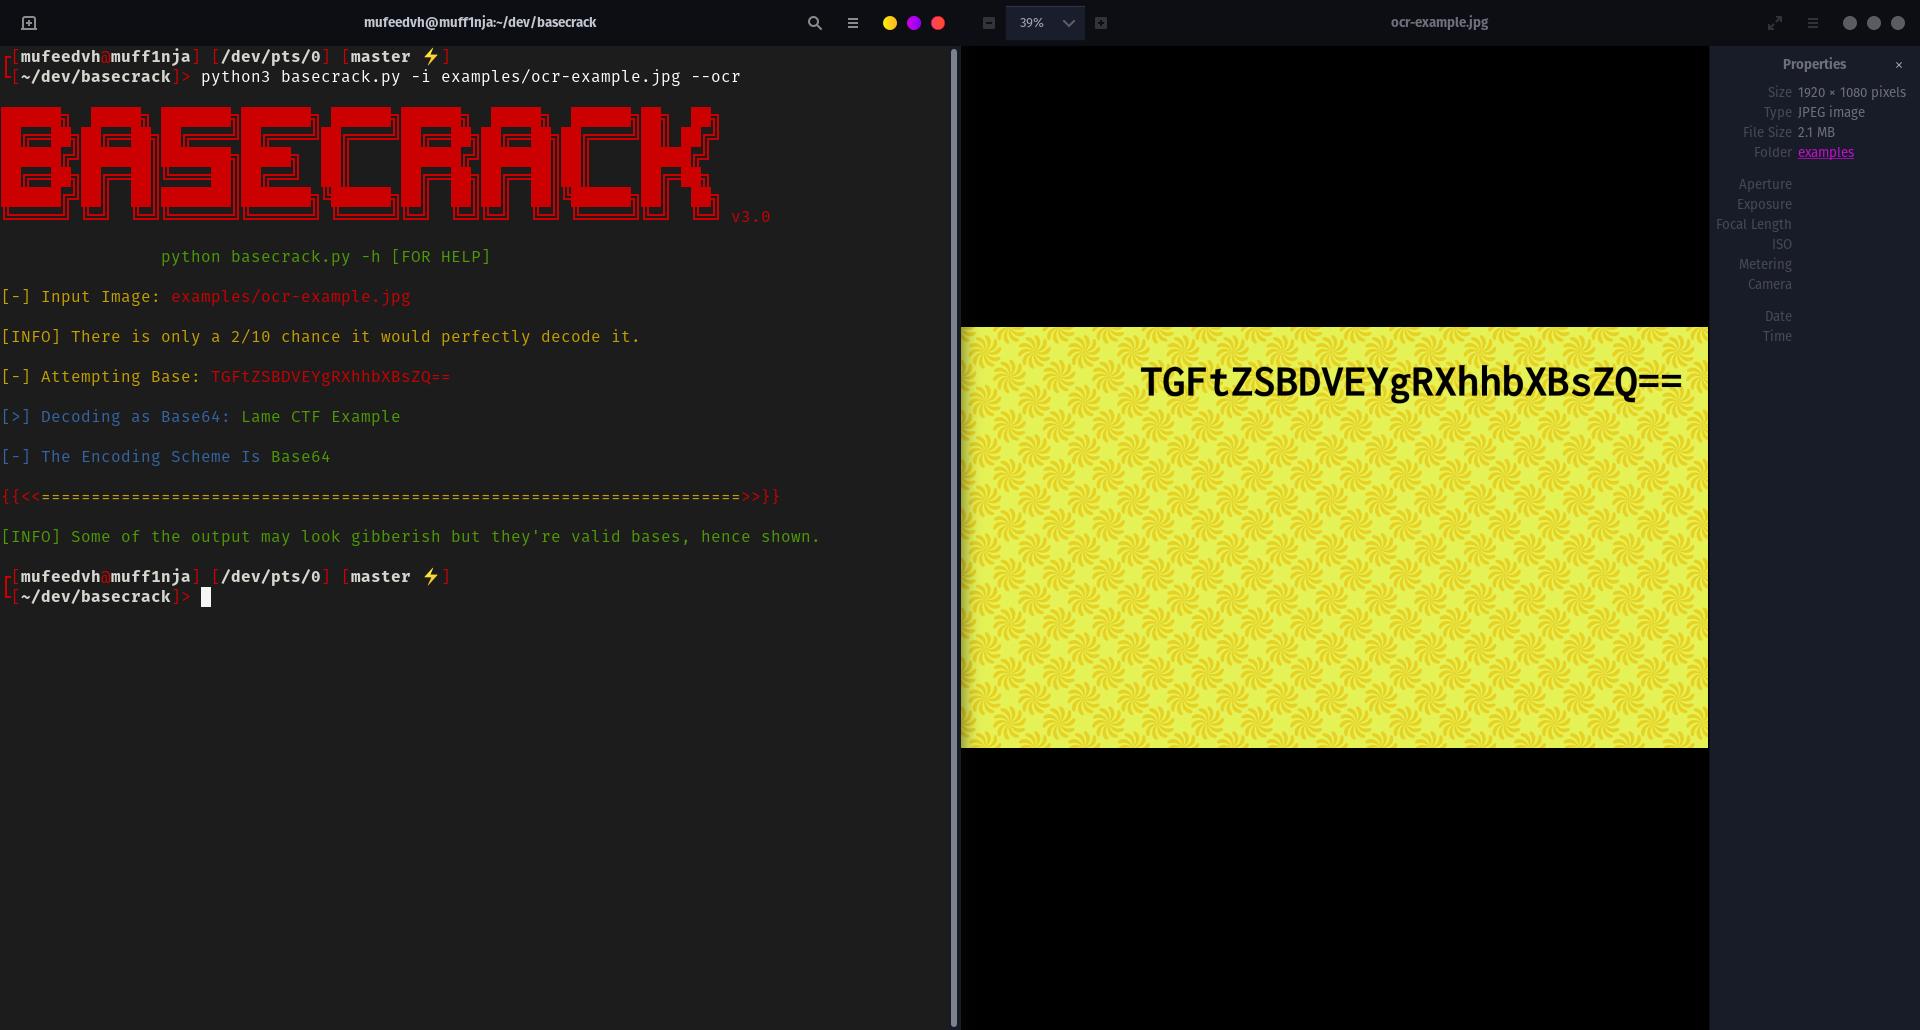 basecrack ocr detection